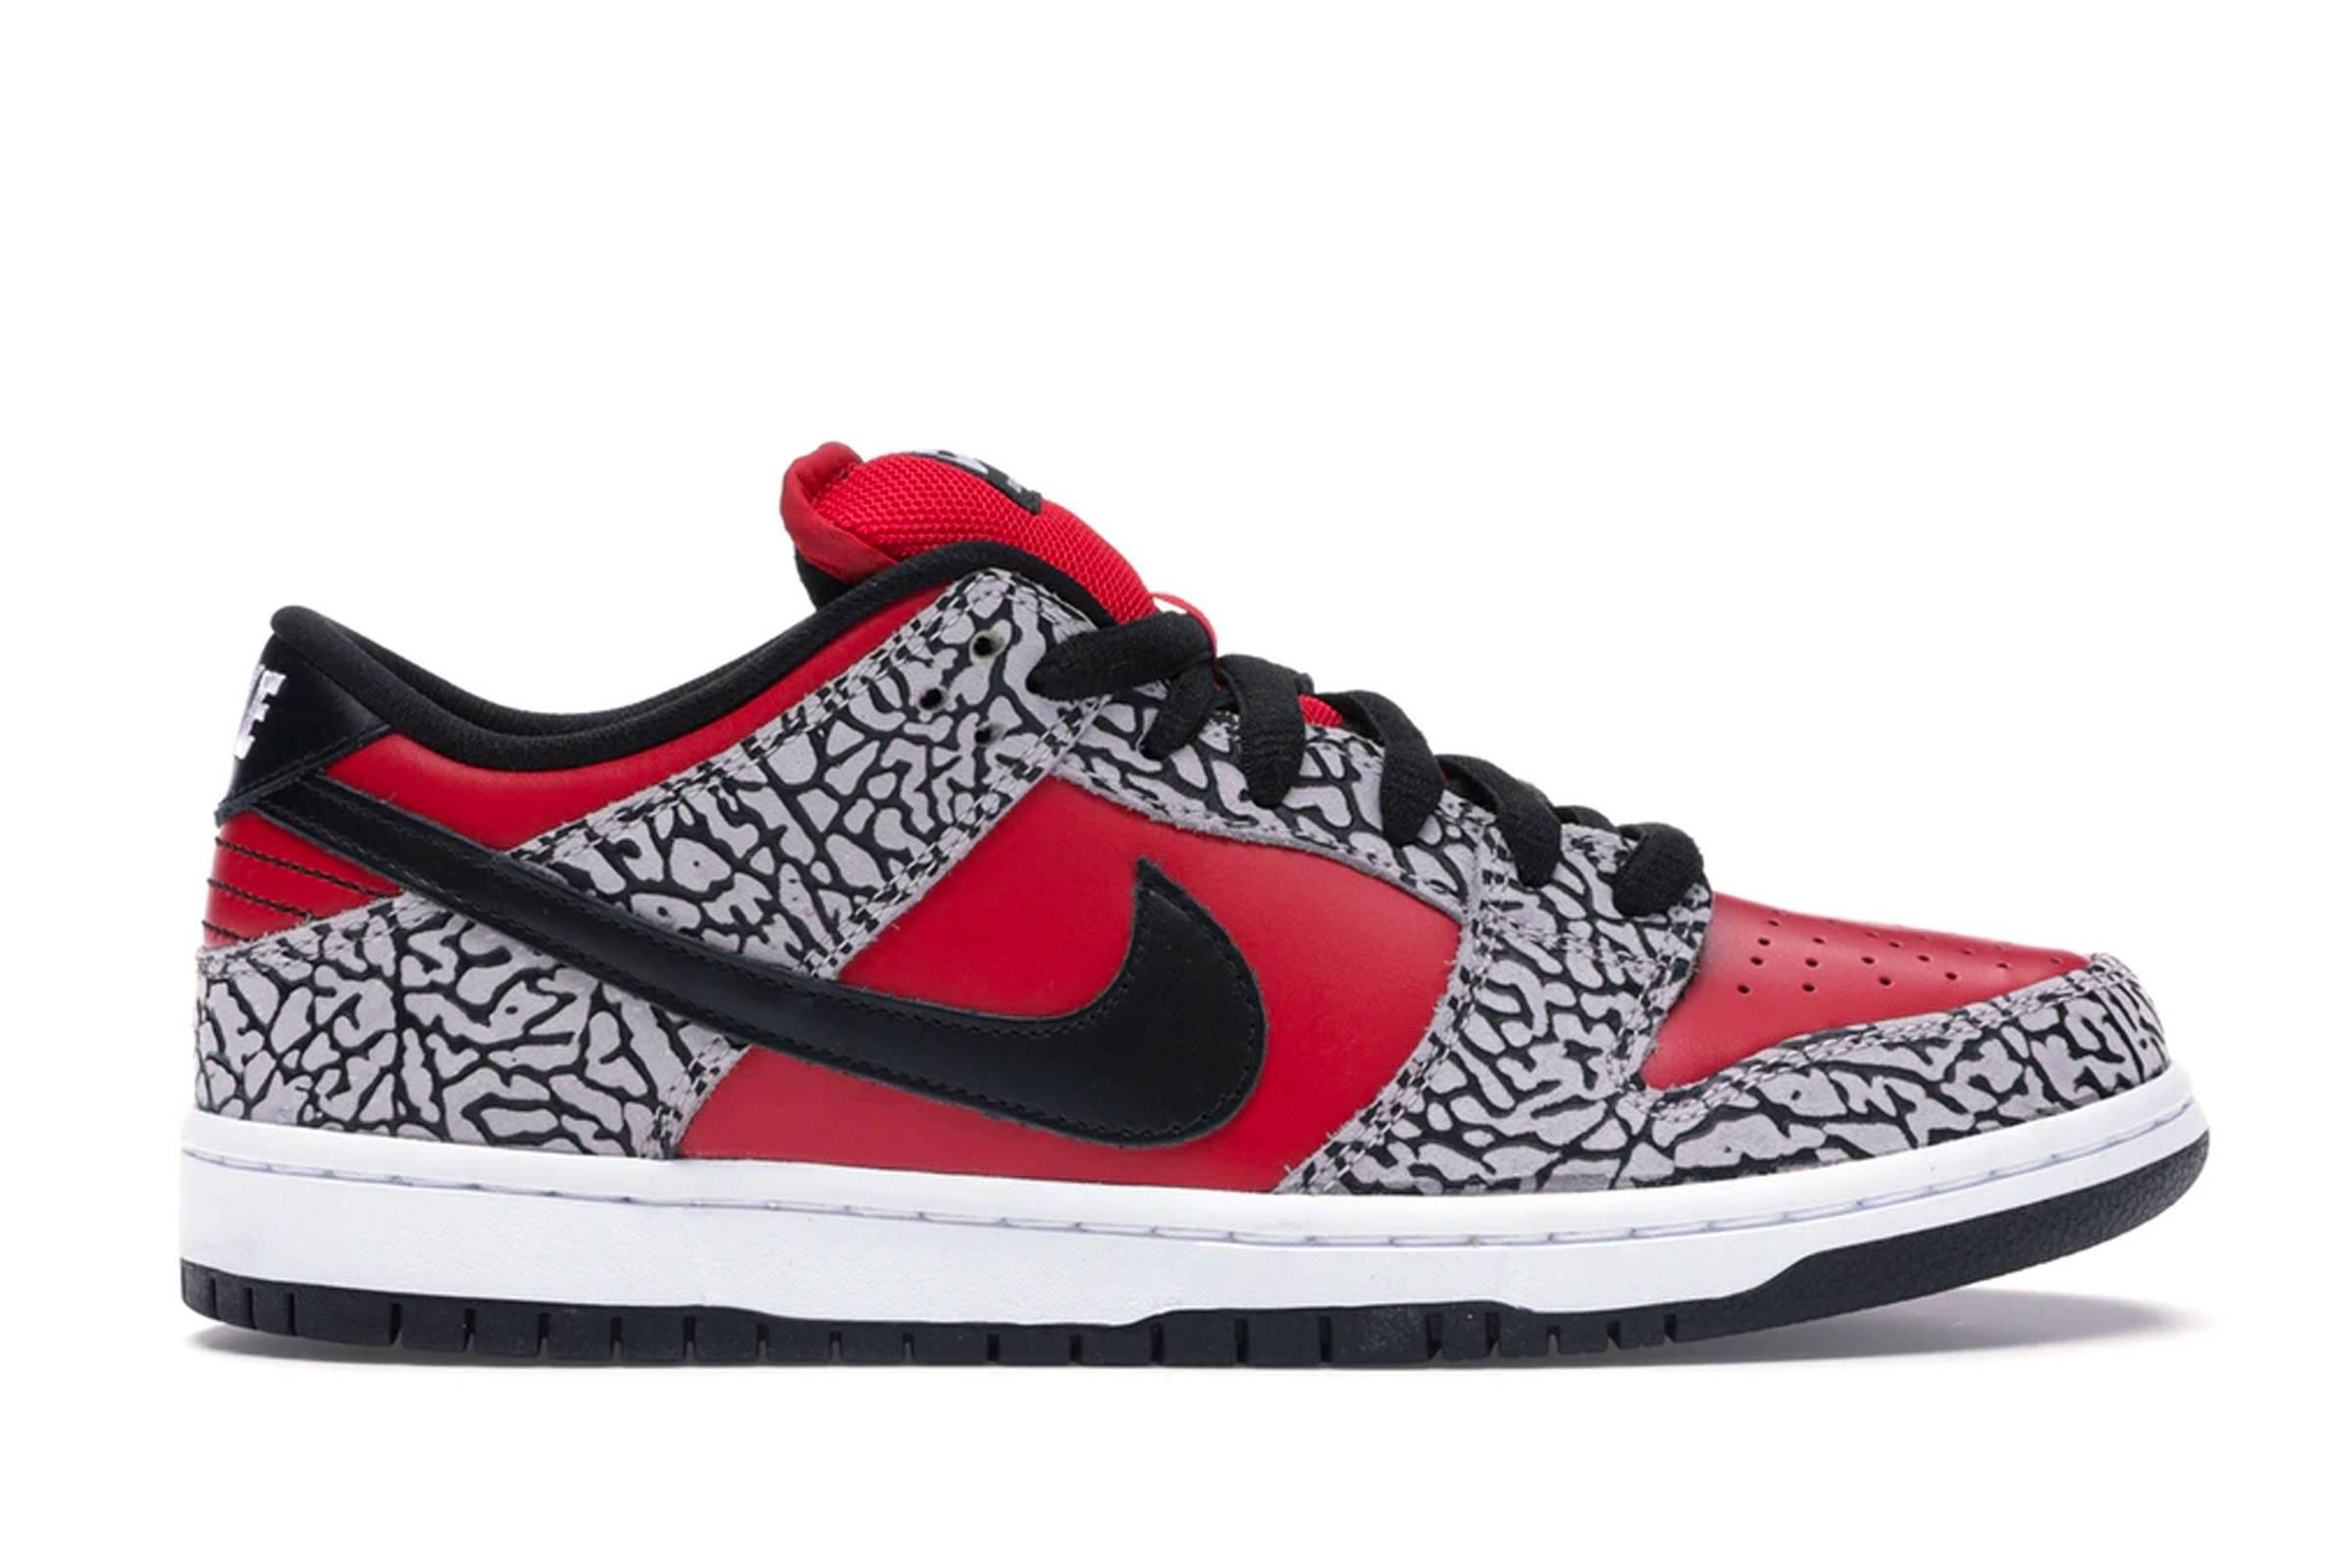 Nike (2002-present)